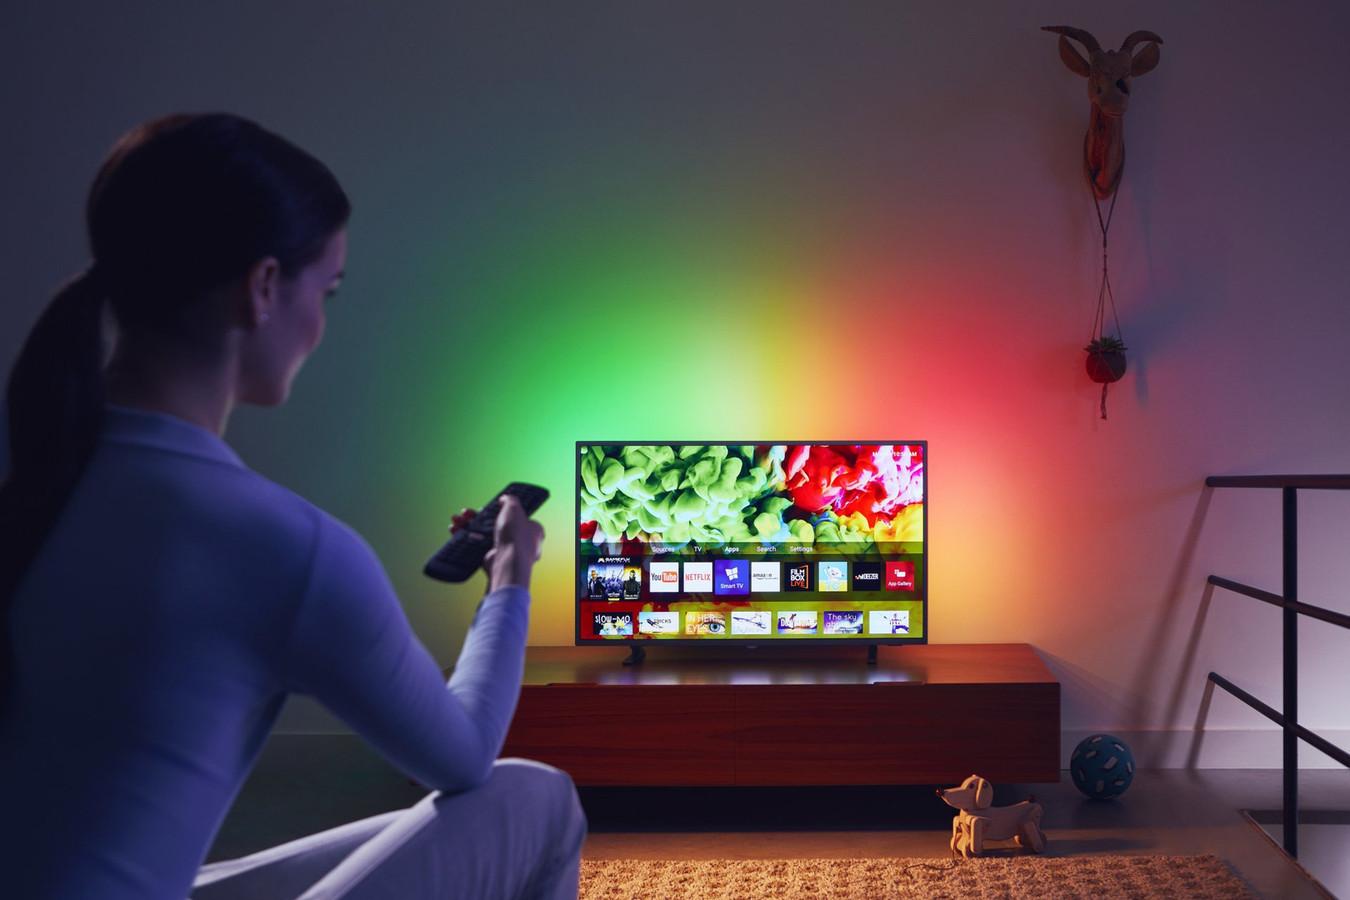 4K-televisie is de nieuwe standaard